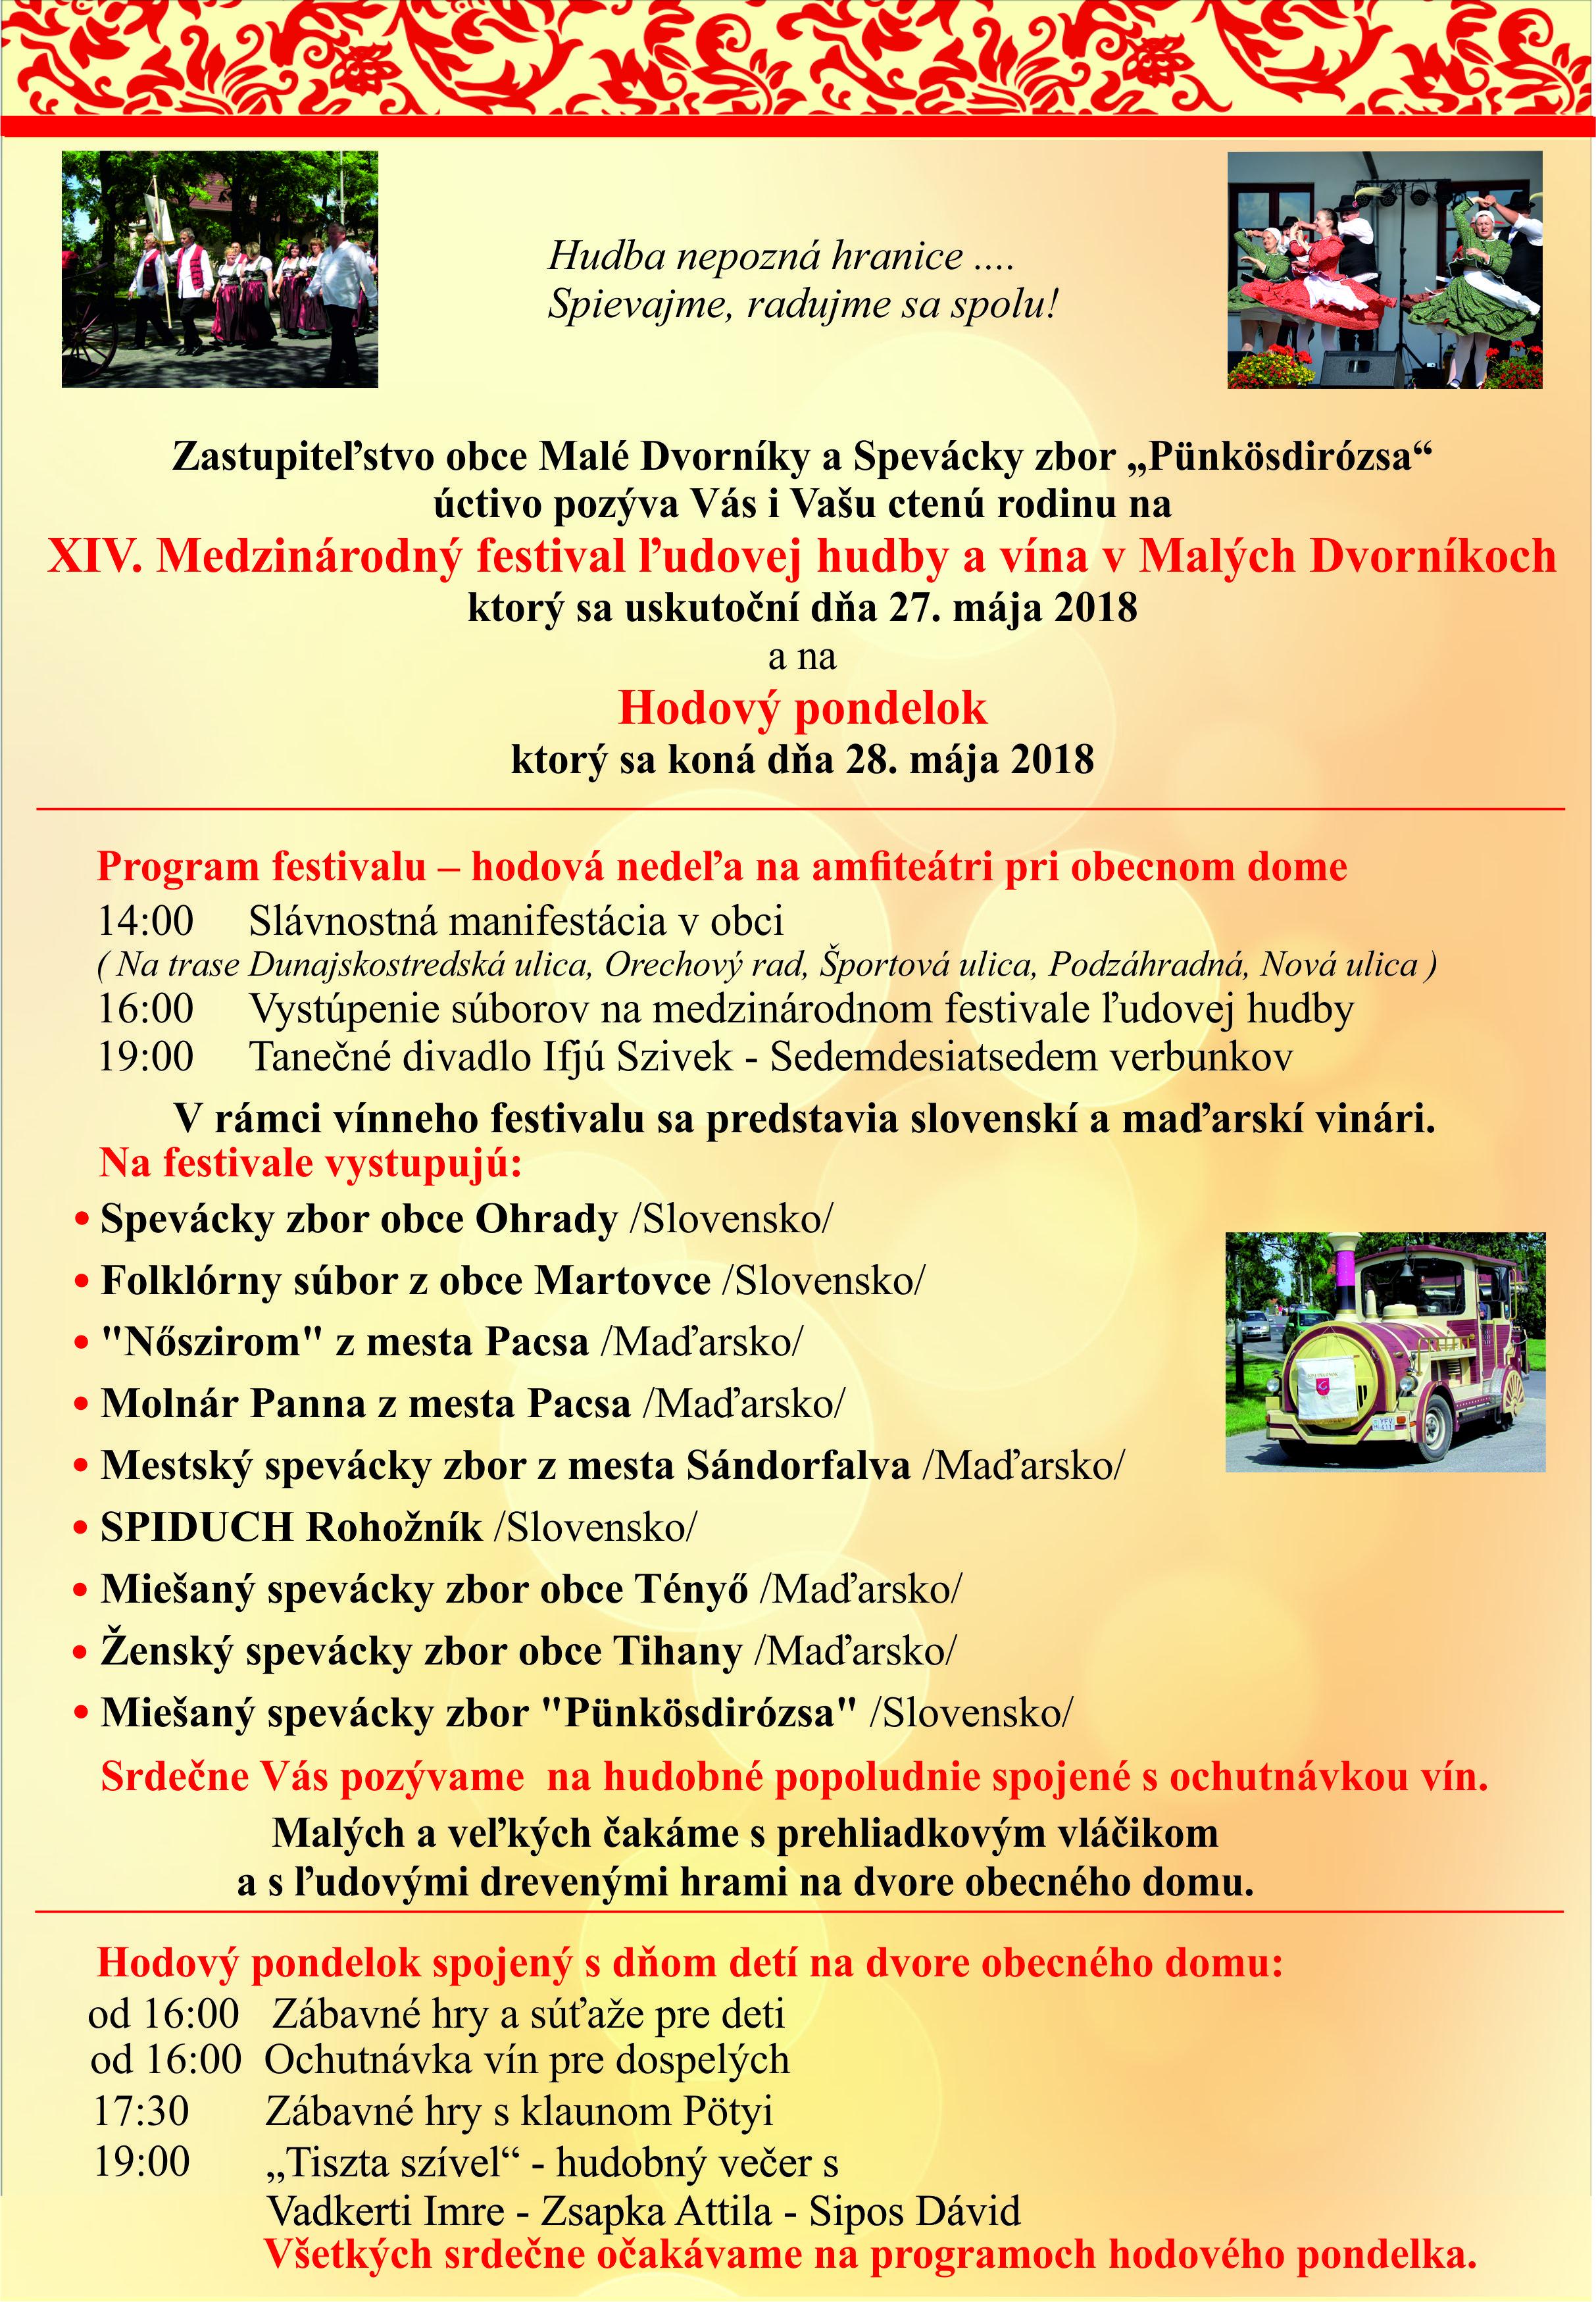 8a64cc84d Pozvánka na XIV. Medzinárodný festival ľudovej hudby | Malé Dvorníky